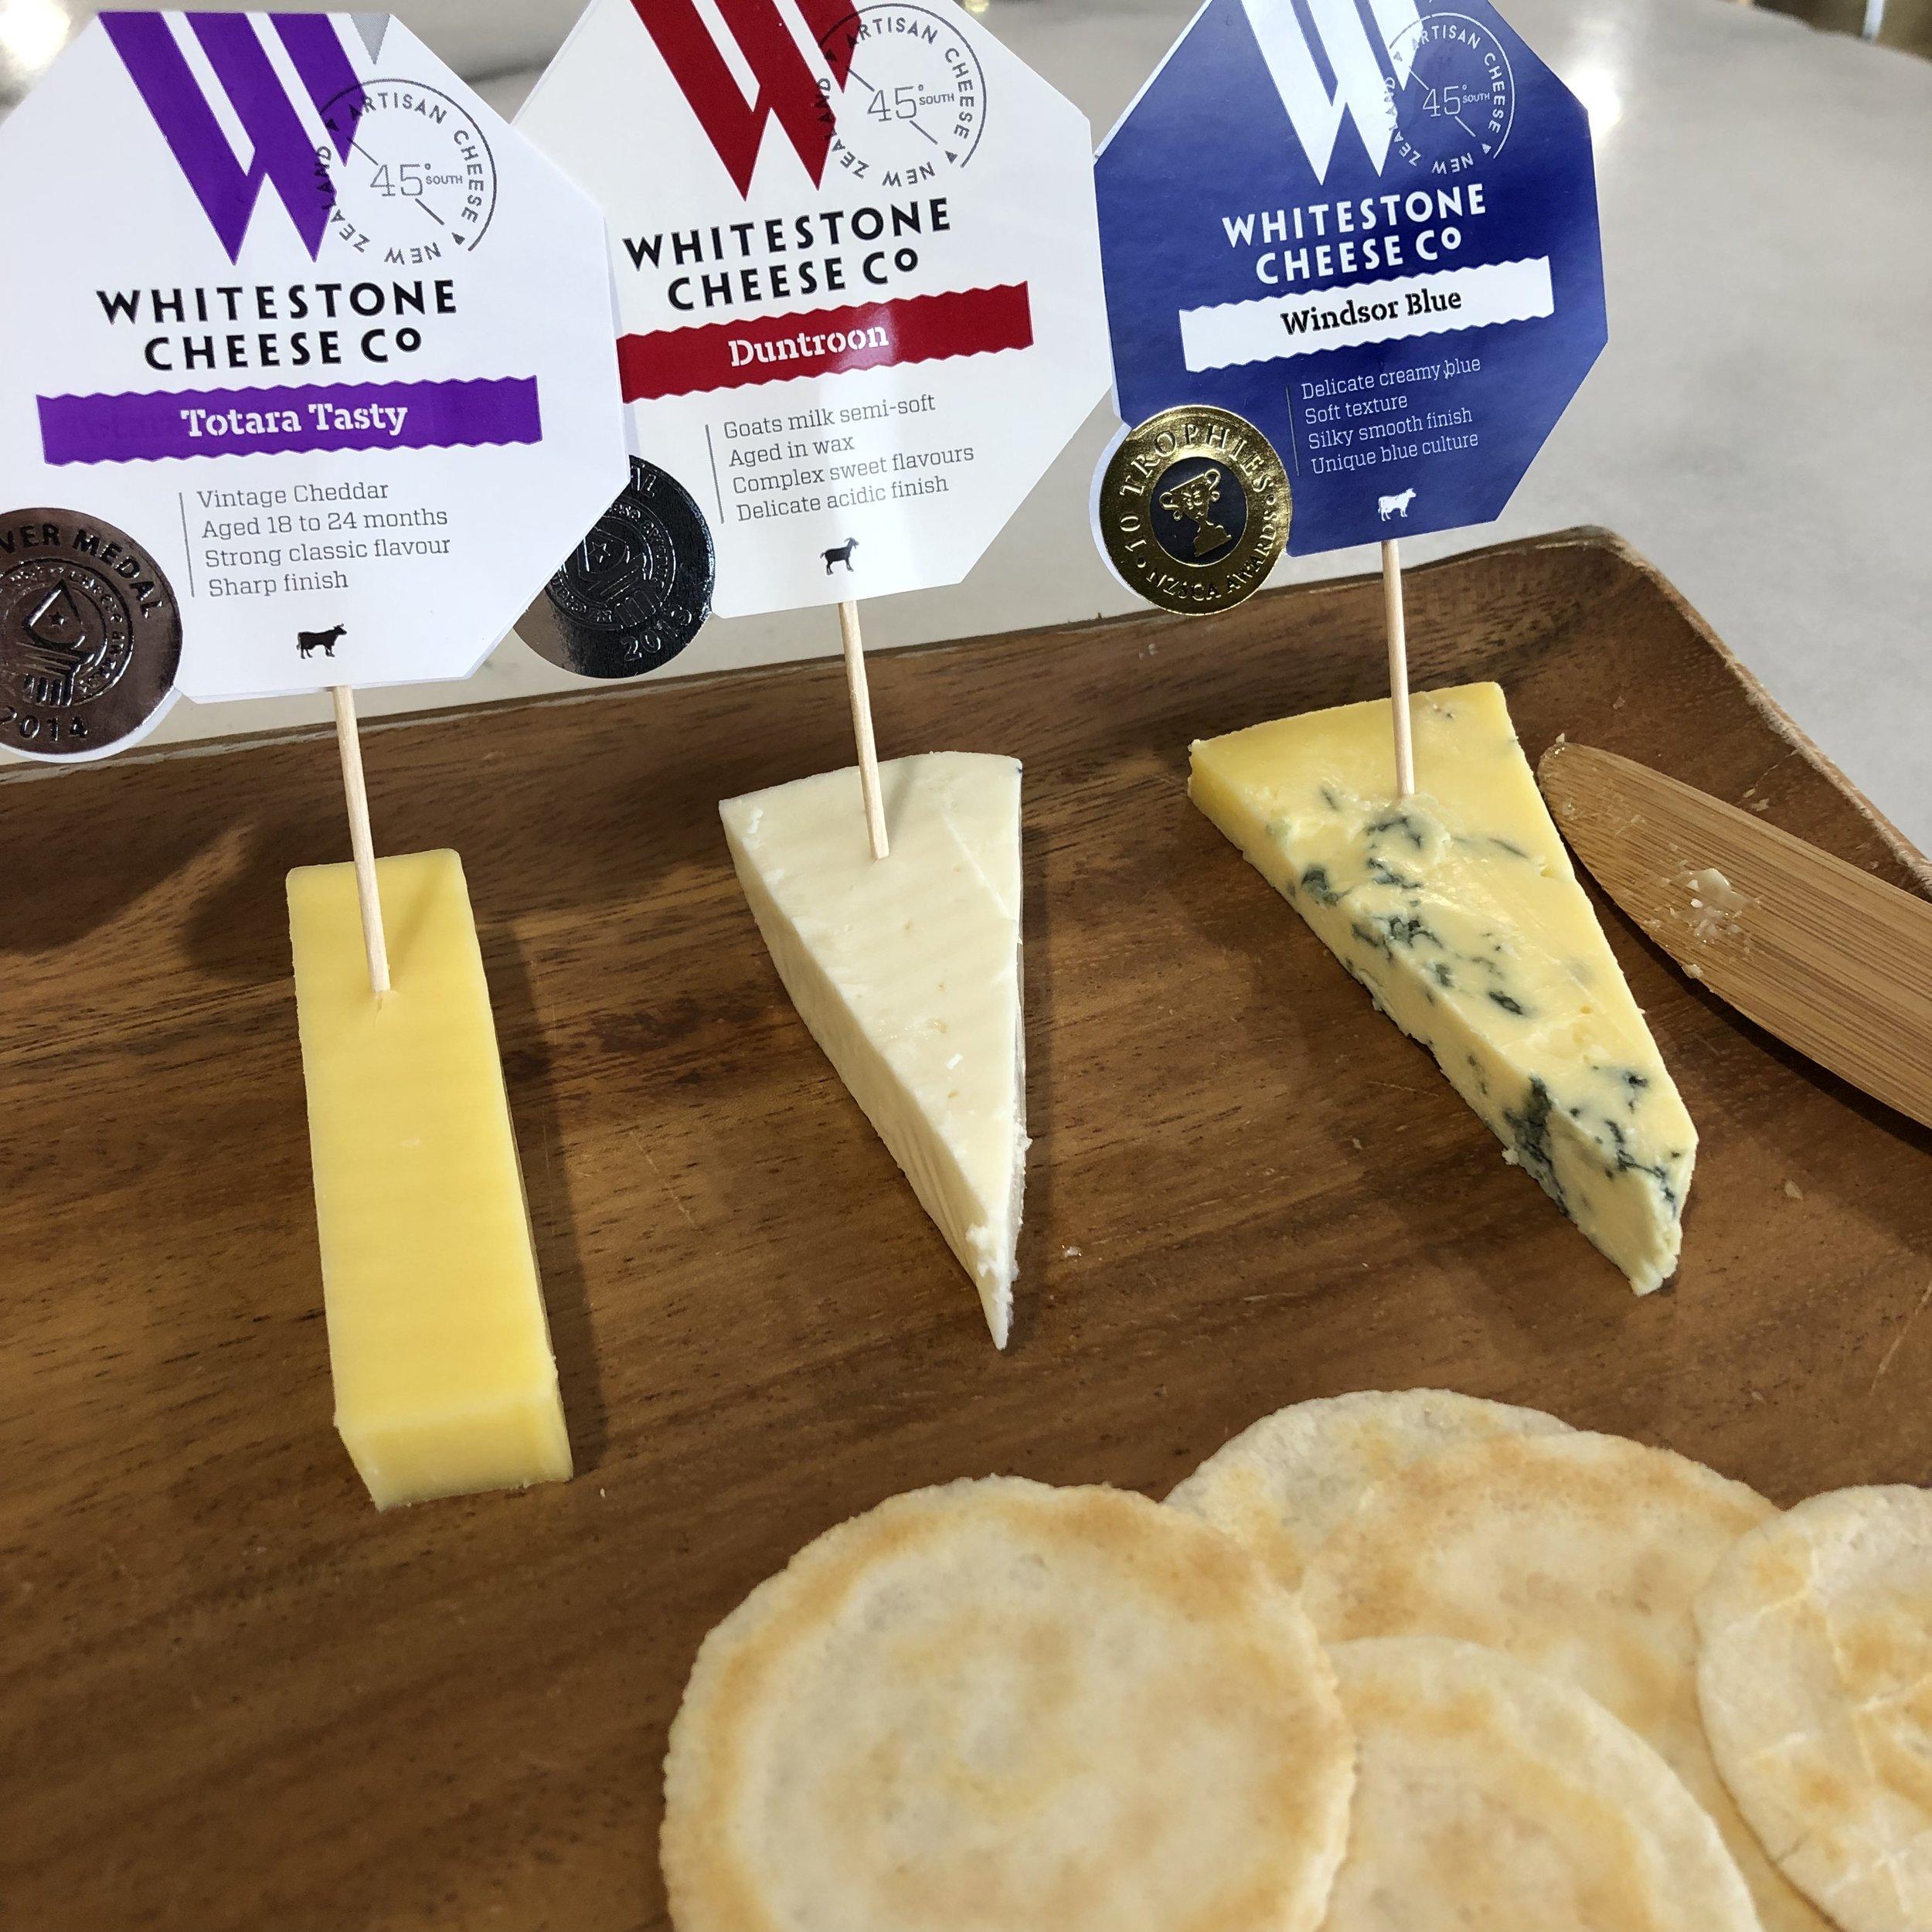 Whitestone Cheese